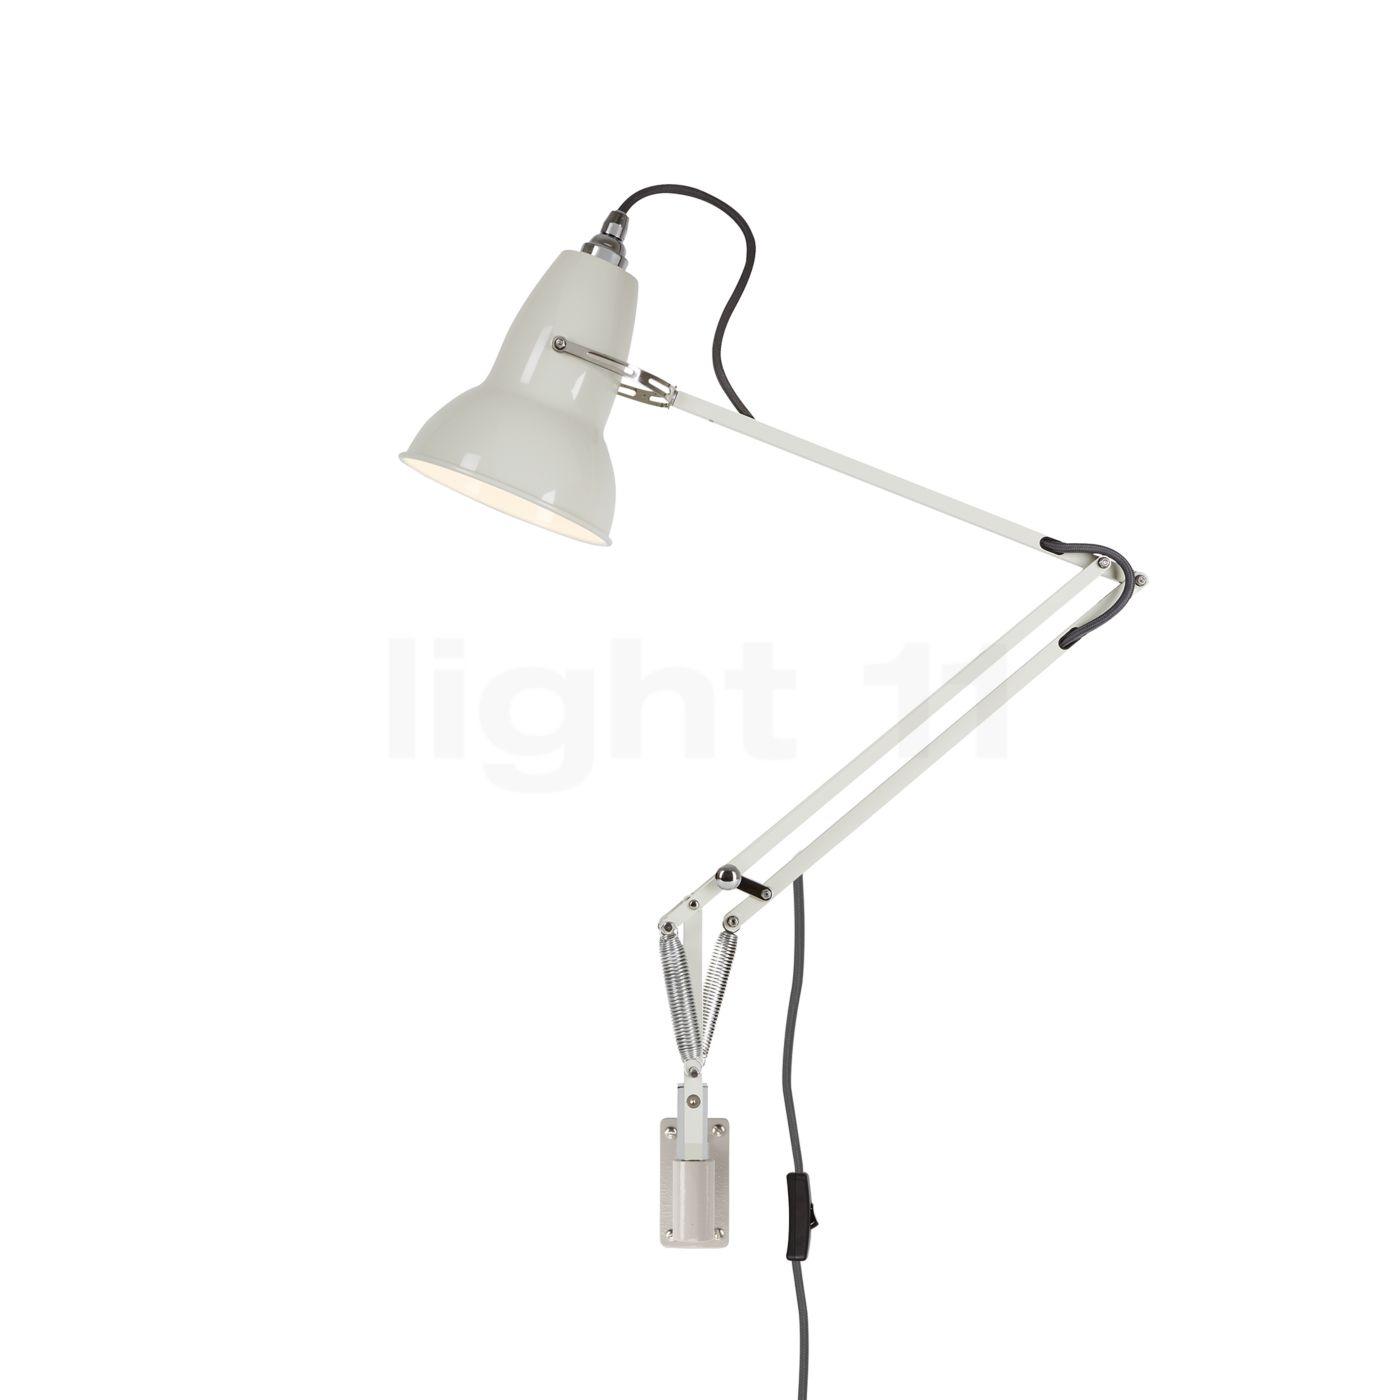 Anglepoise_Original_1227_Wandleuchte_mit_Wandhalterung--94accd3468927f5967c0cb39dee4c78f Faszinierend Wandlampe Mit Kabel Und Stecker Dekorationen